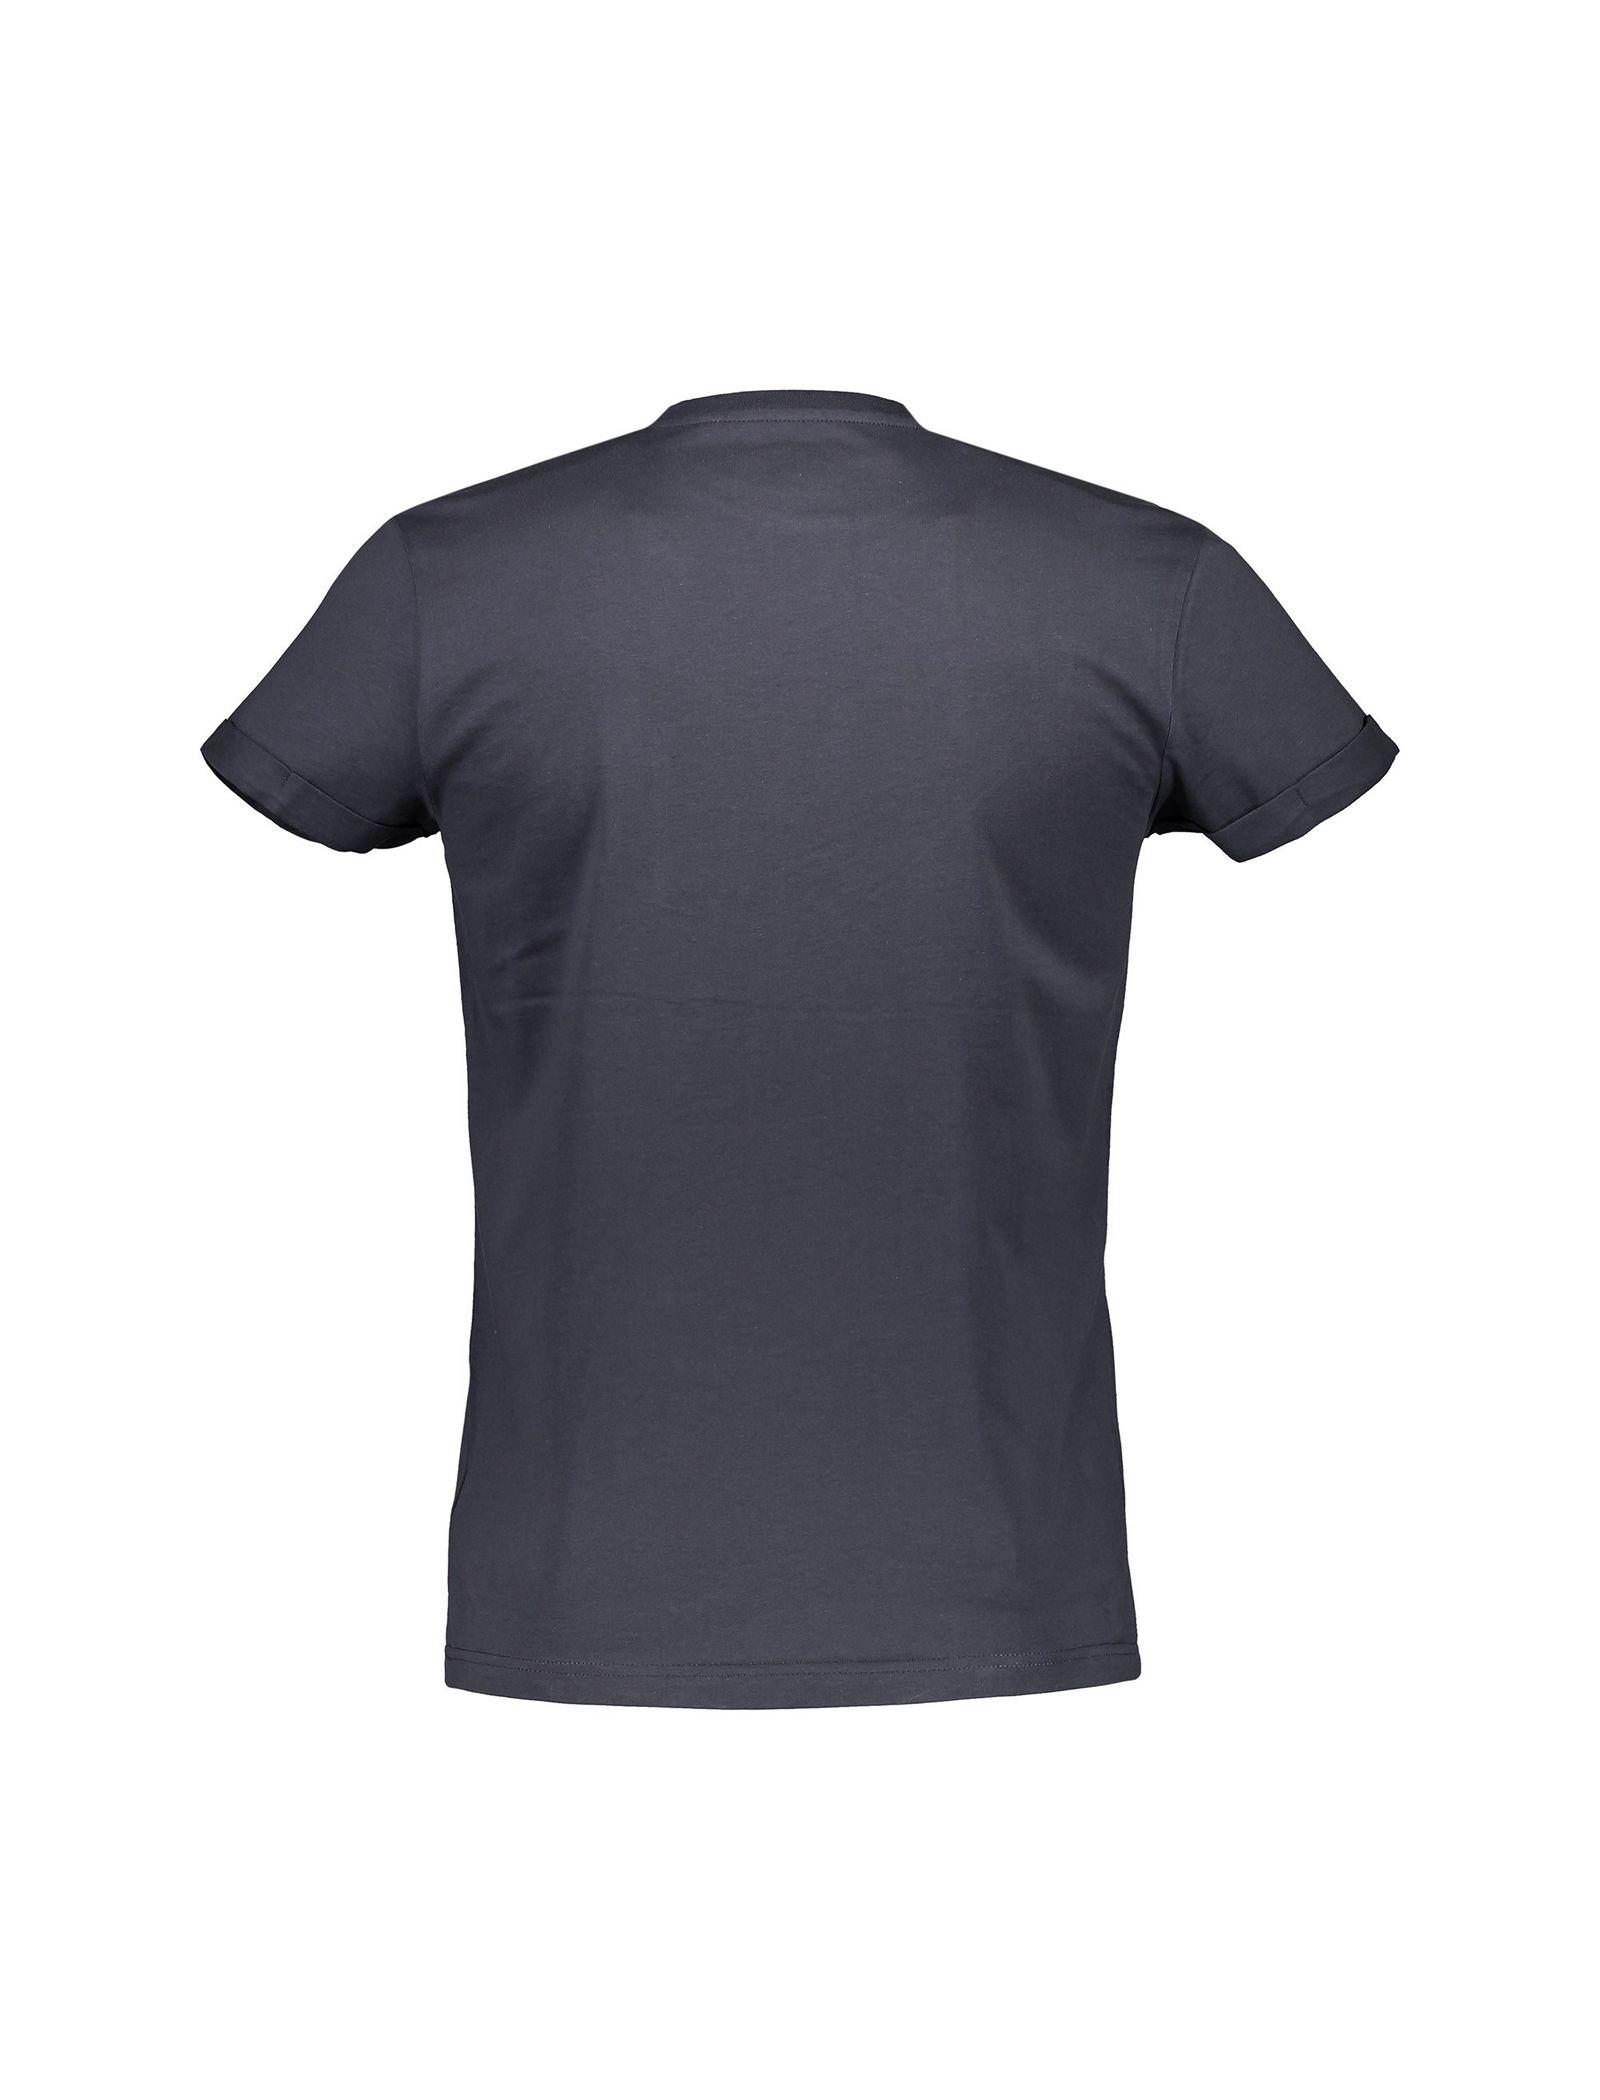 تی شرت نخی یقه گرد مردانه - رد هرینگ - طوسي - 2